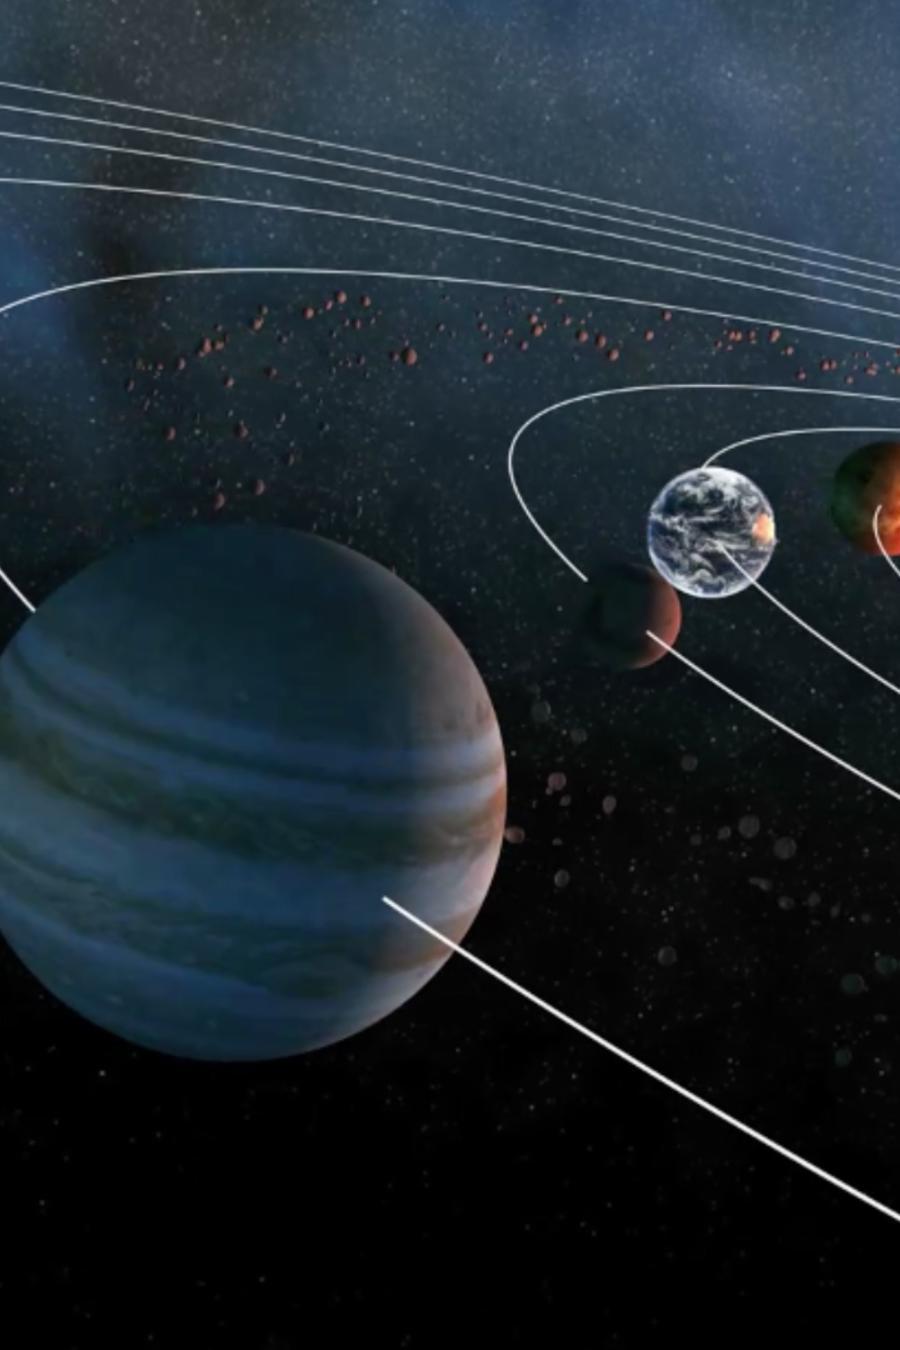 Muerte al llegar a otros planetas